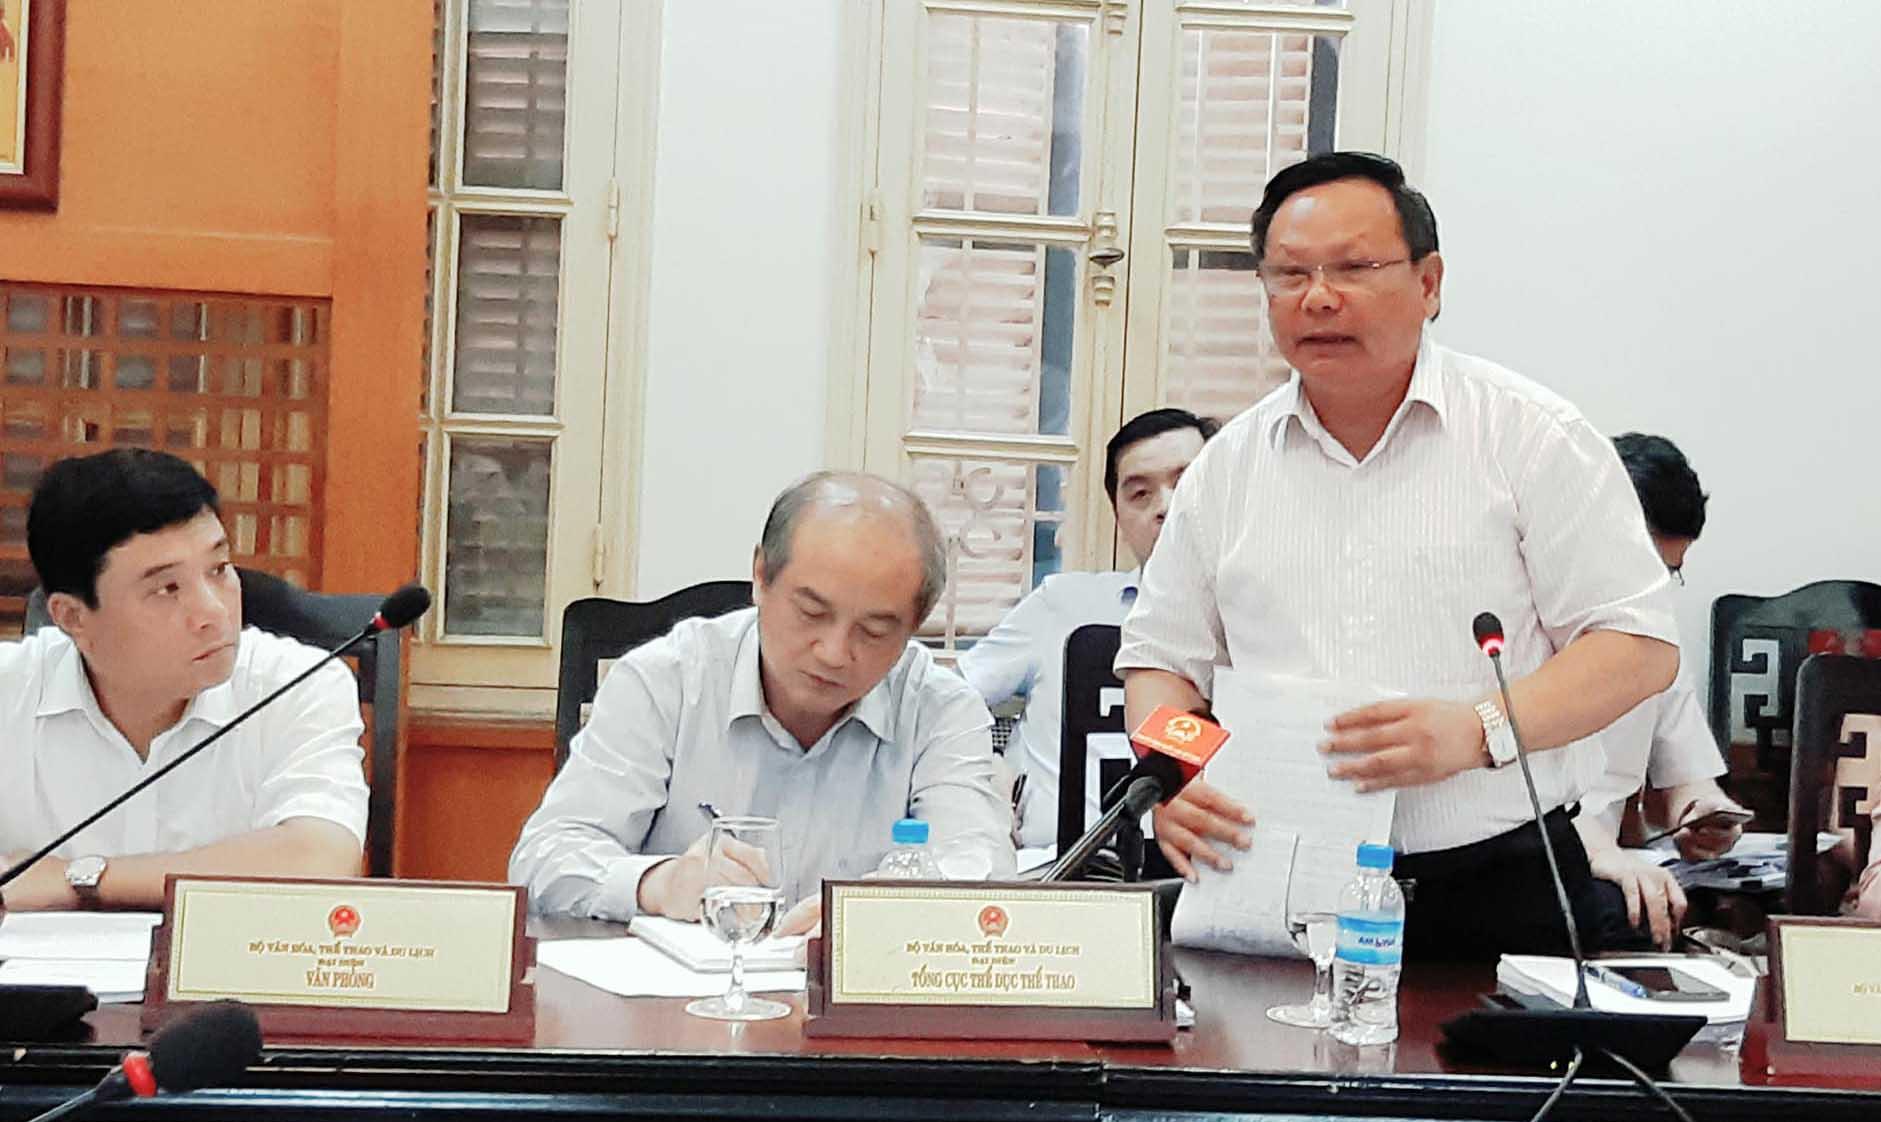 Khach Trung Quoc mac ao in luoi bo: 'Khong de su co nho anh huong dai cuc' hinh anh 2